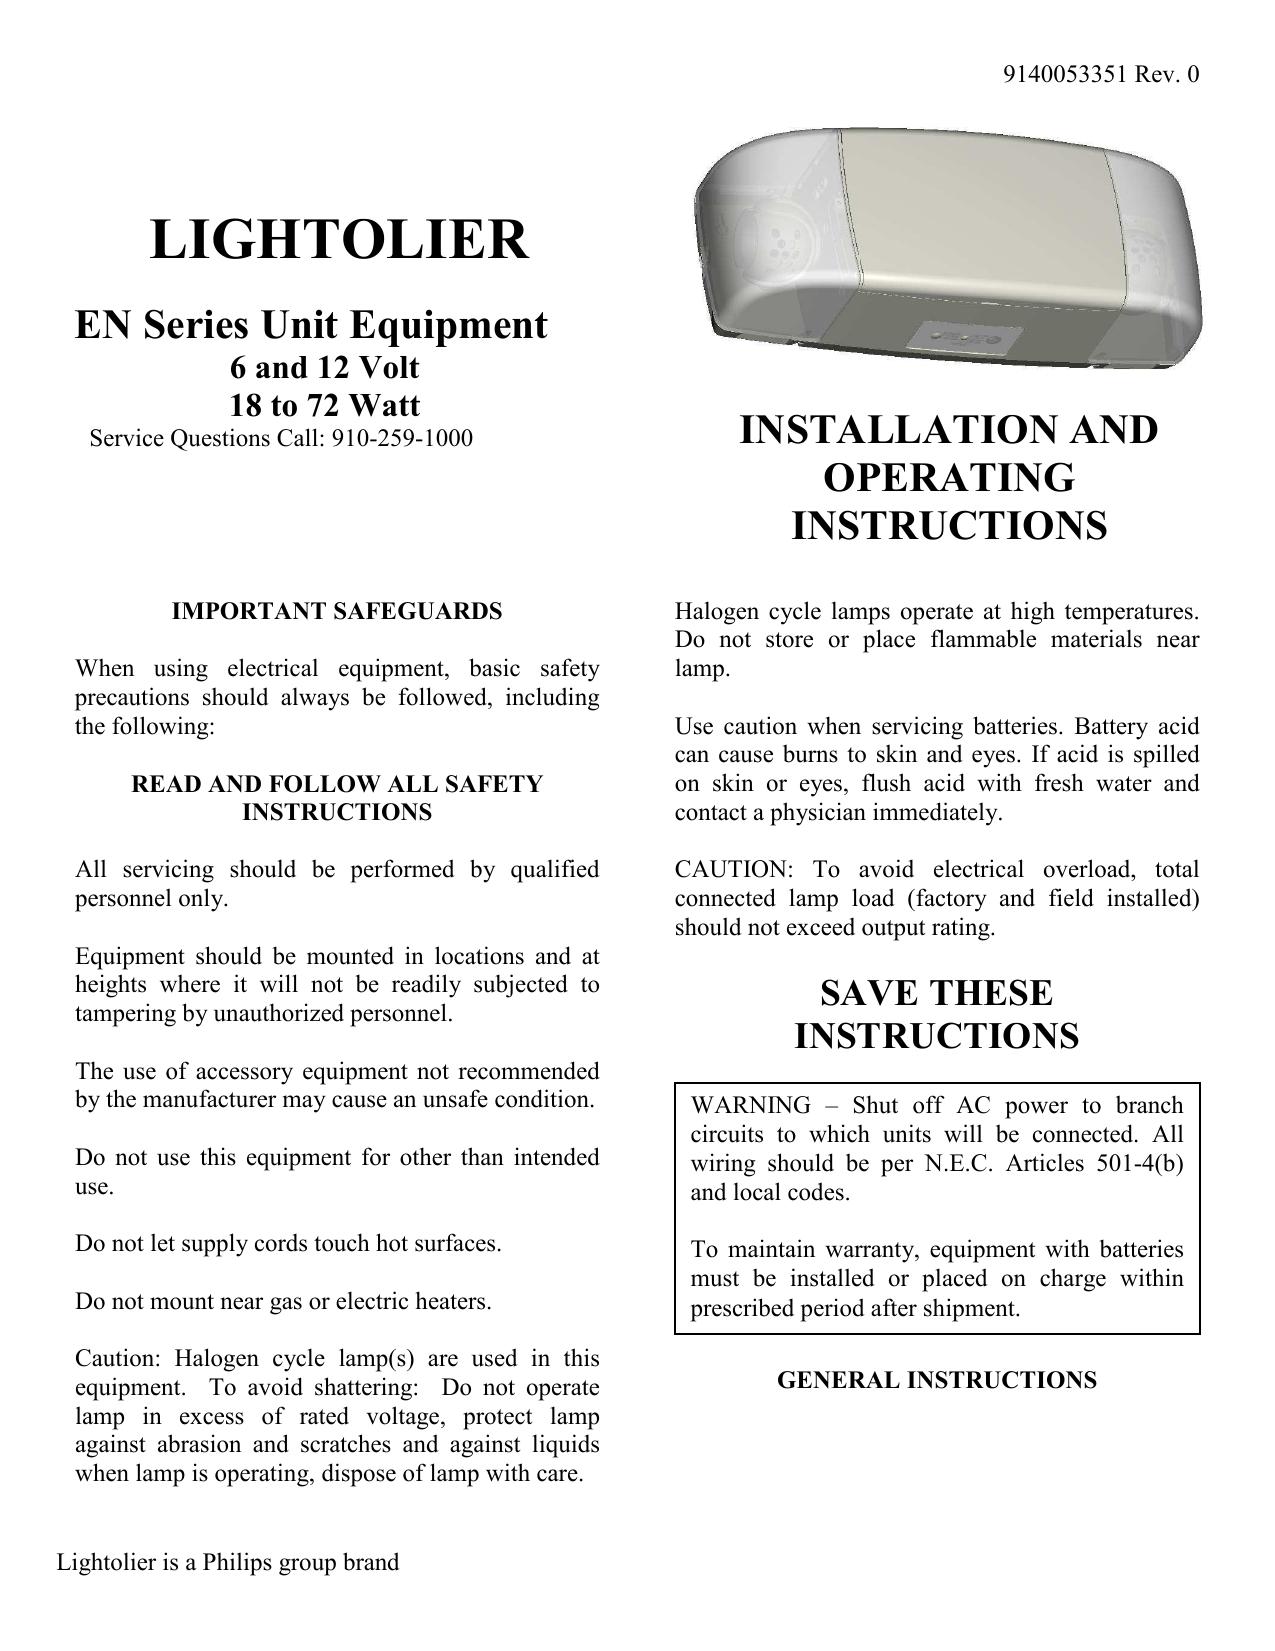 Lightolier Villa Lighting Manualzz